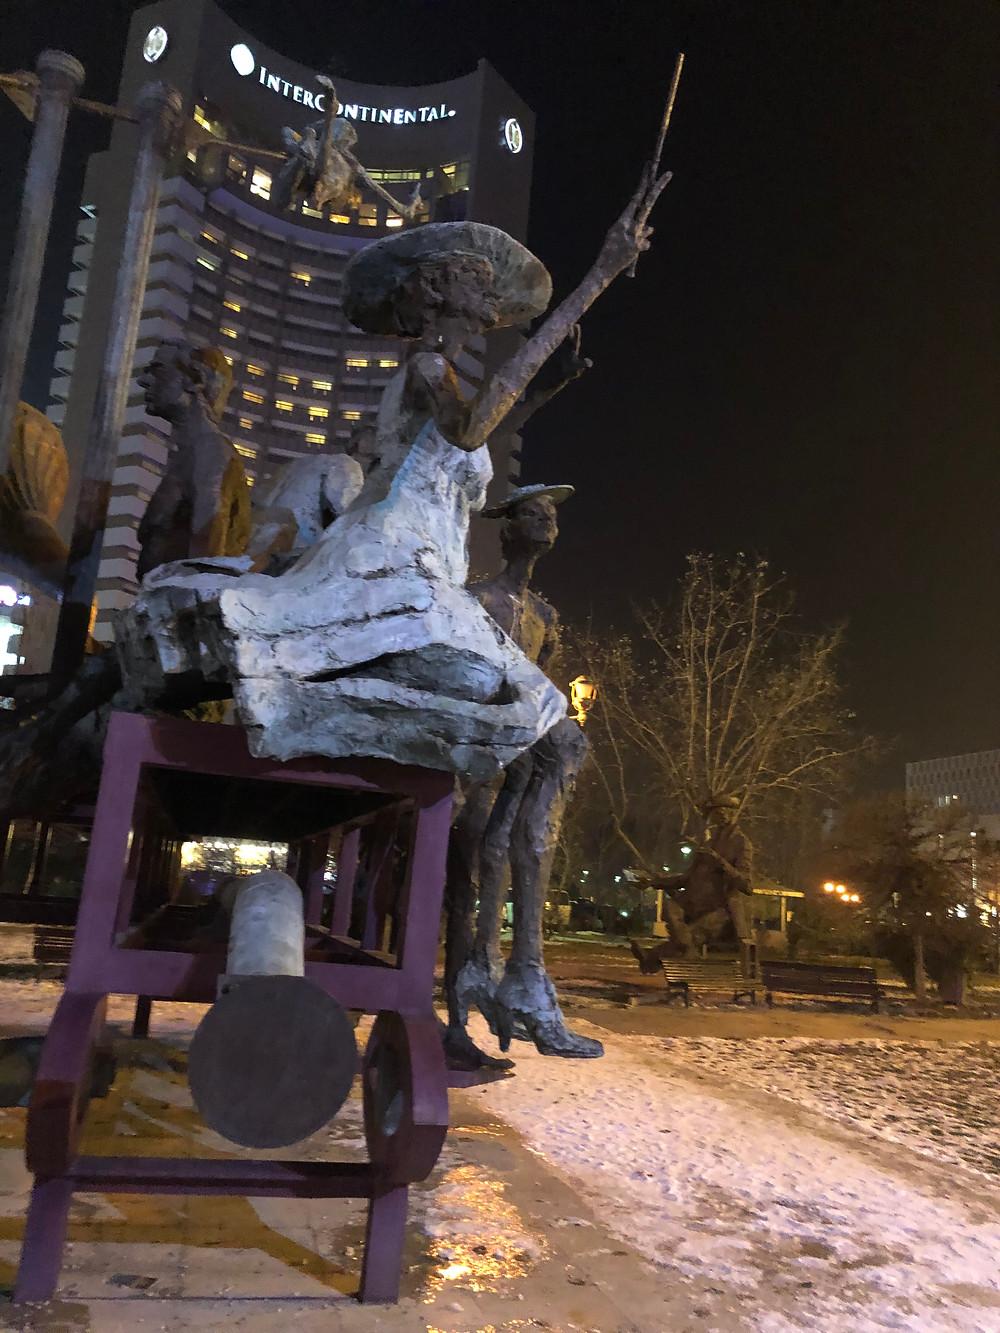 Statue near hotel